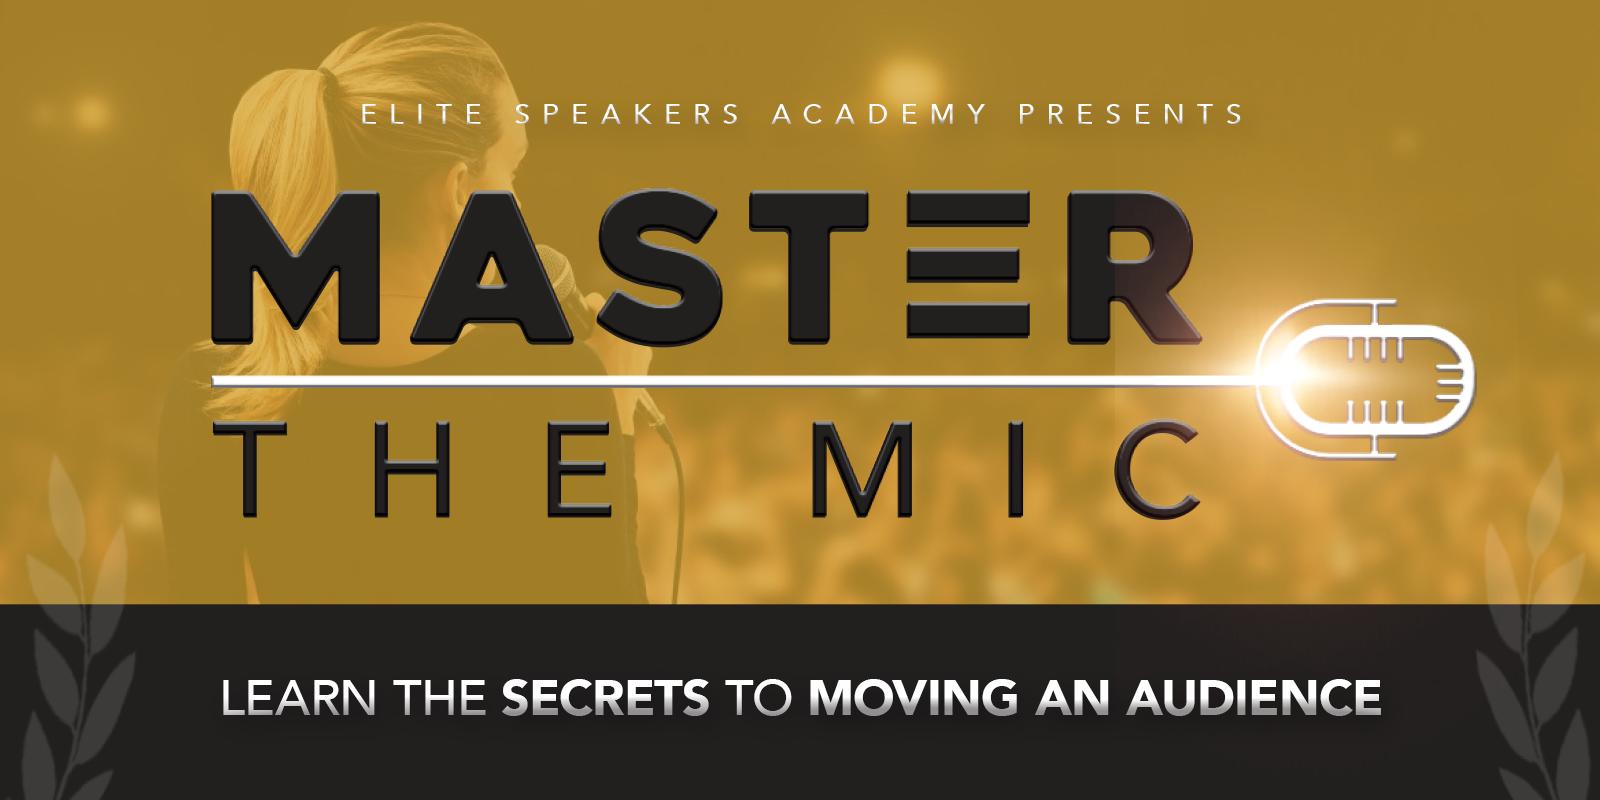 Master The Mic - Elite Speakers Academy 2018-03-15 20:38